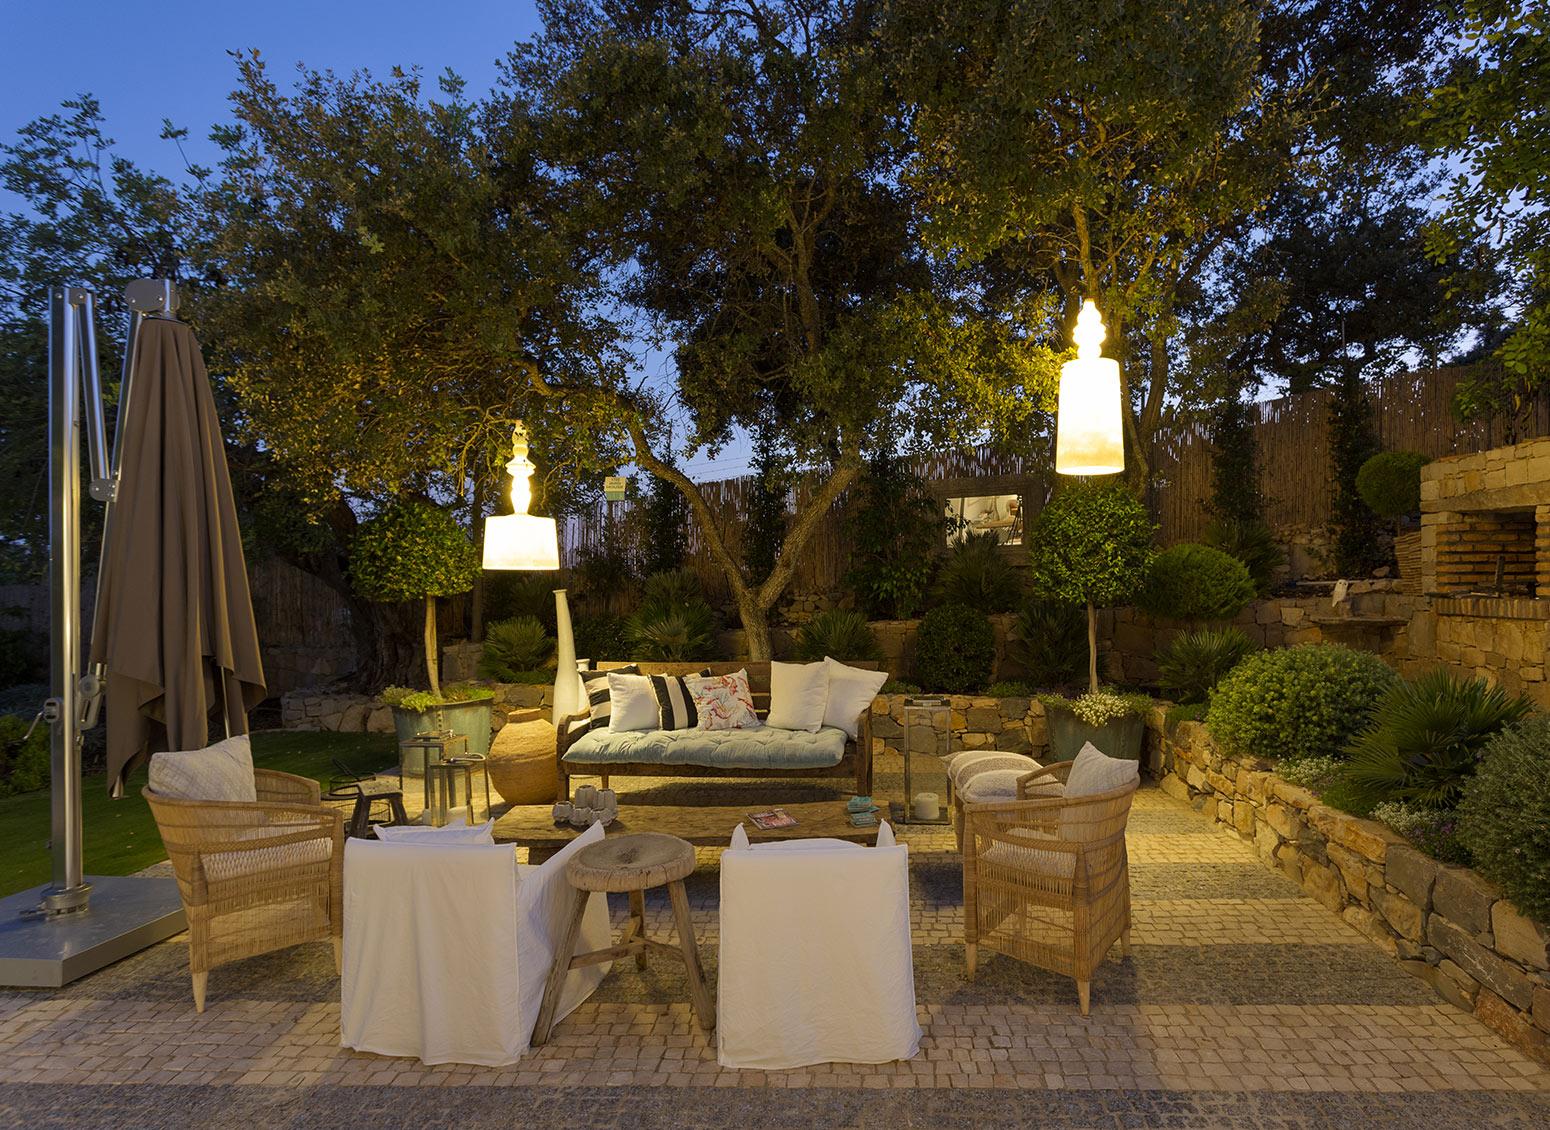 Magia ed atmosfera: la guida all'illuminazione di design per il giardino